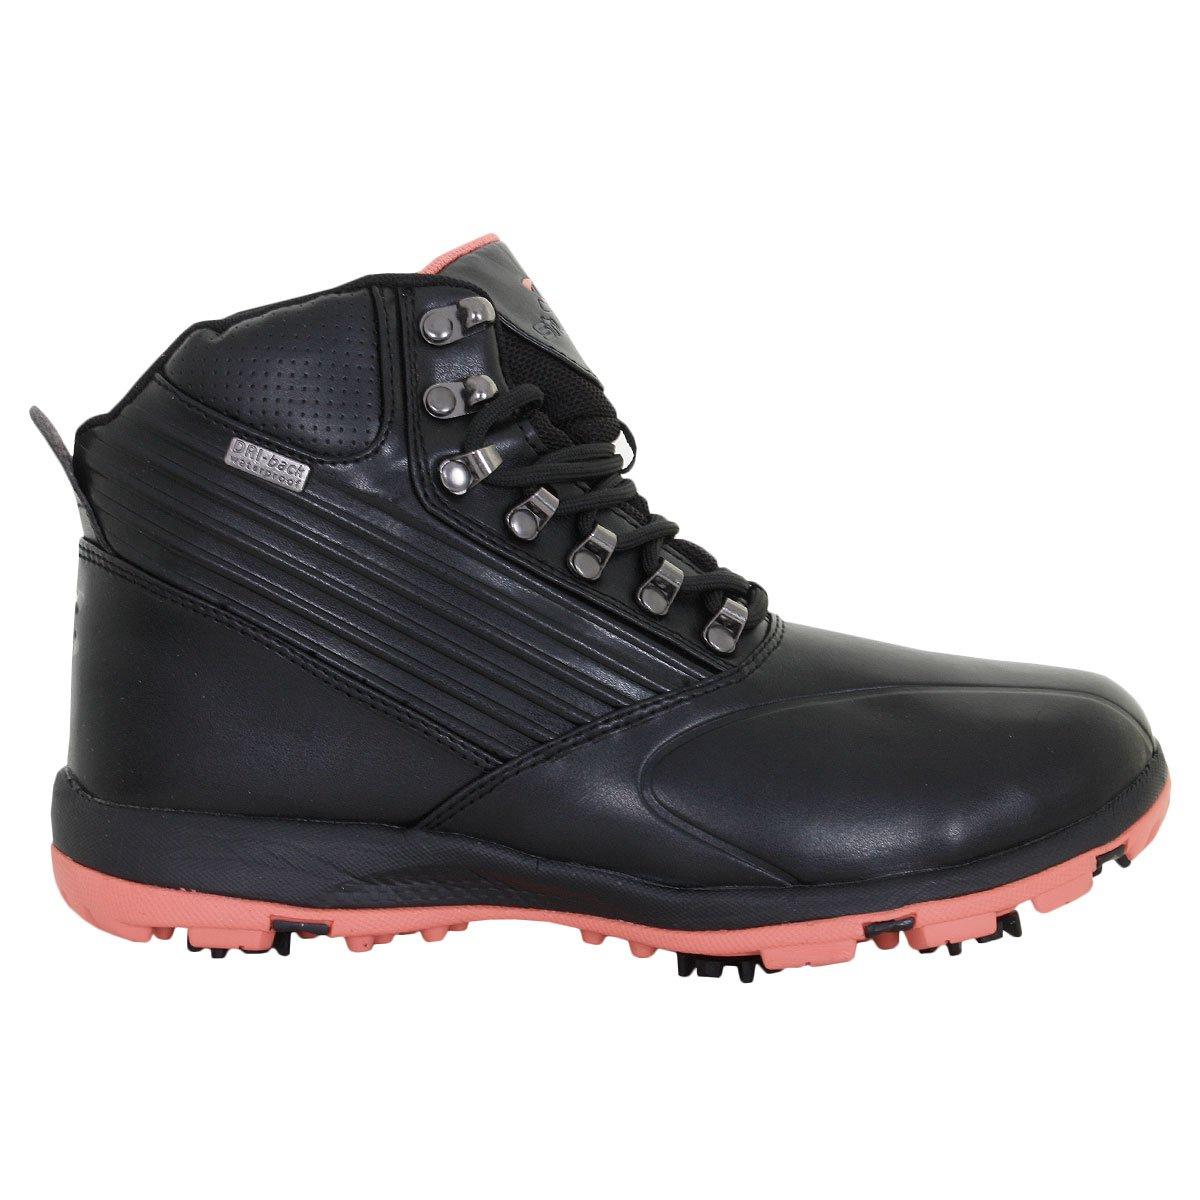 Stuburt 2017 Ladies防水耐久ゴルフ靴冬ブーツ B076H1LVPD  ブラック/コーラル 7 UK/ EUR 40 / 9 US